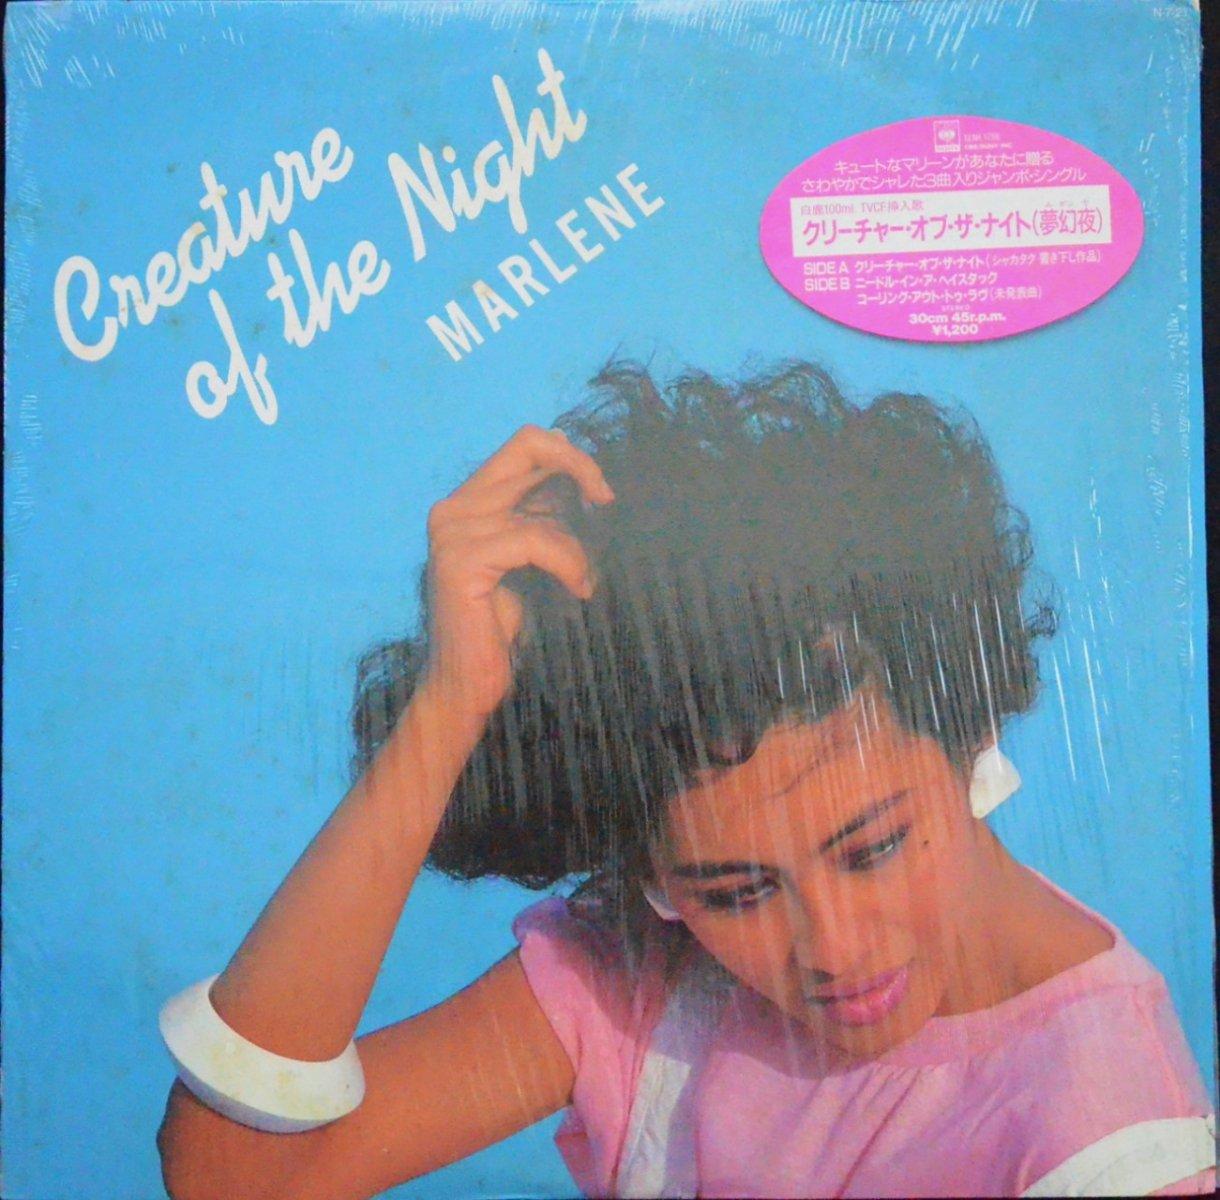 マリーン MARLENE / クリーチャー・オブ・ザ・ナイト (夢幻夜) CREATURE OF THE NIGHT (12